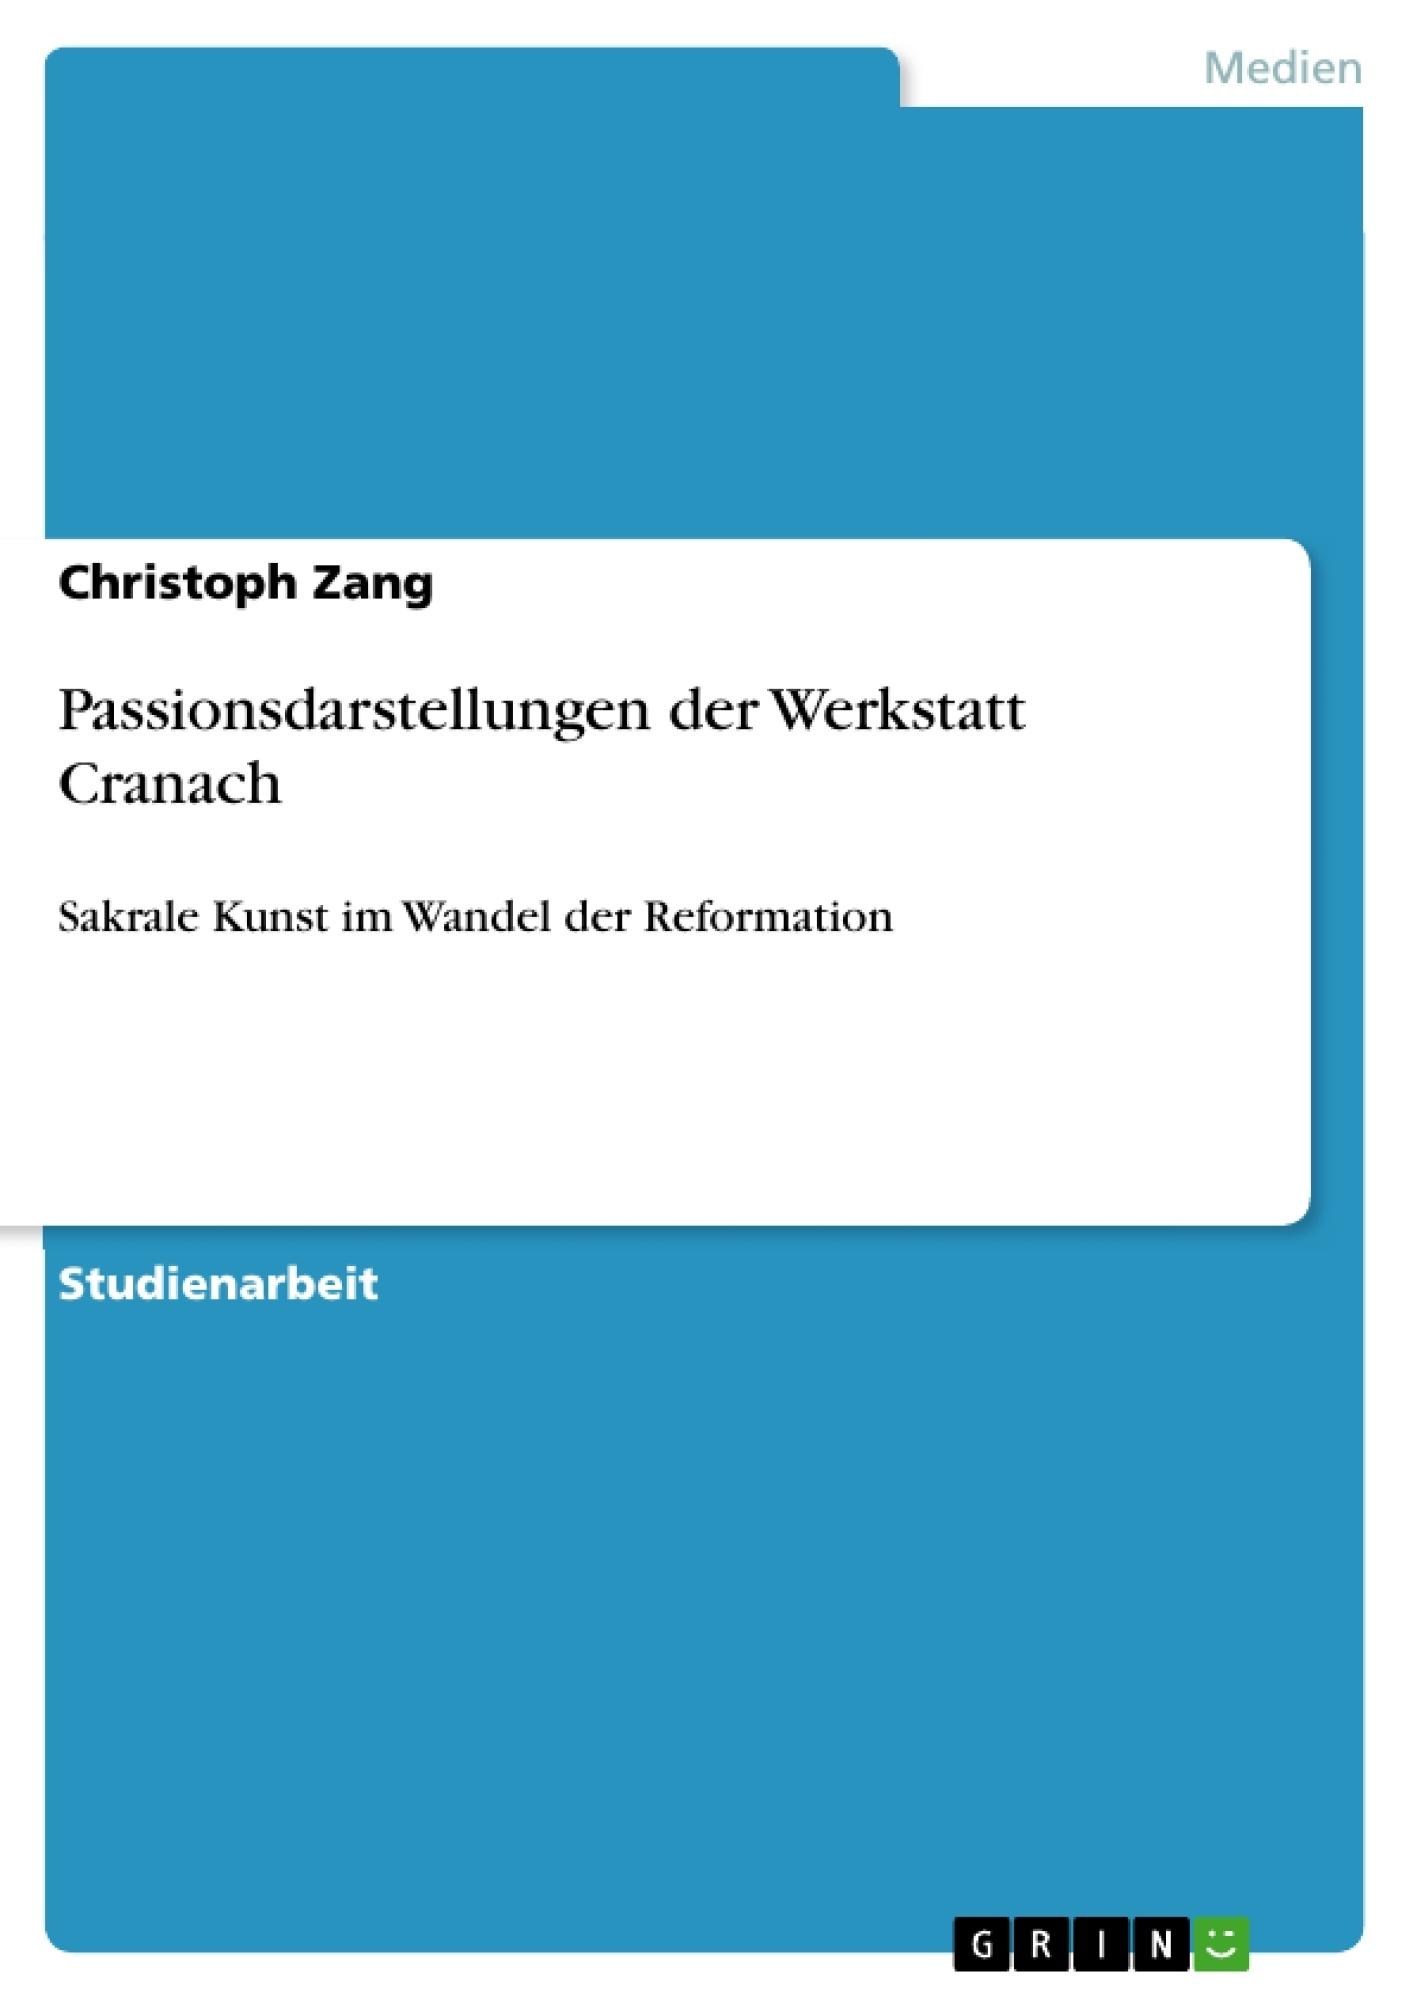 Titel: Passionsdarstellungen der Werkstatt Cranach